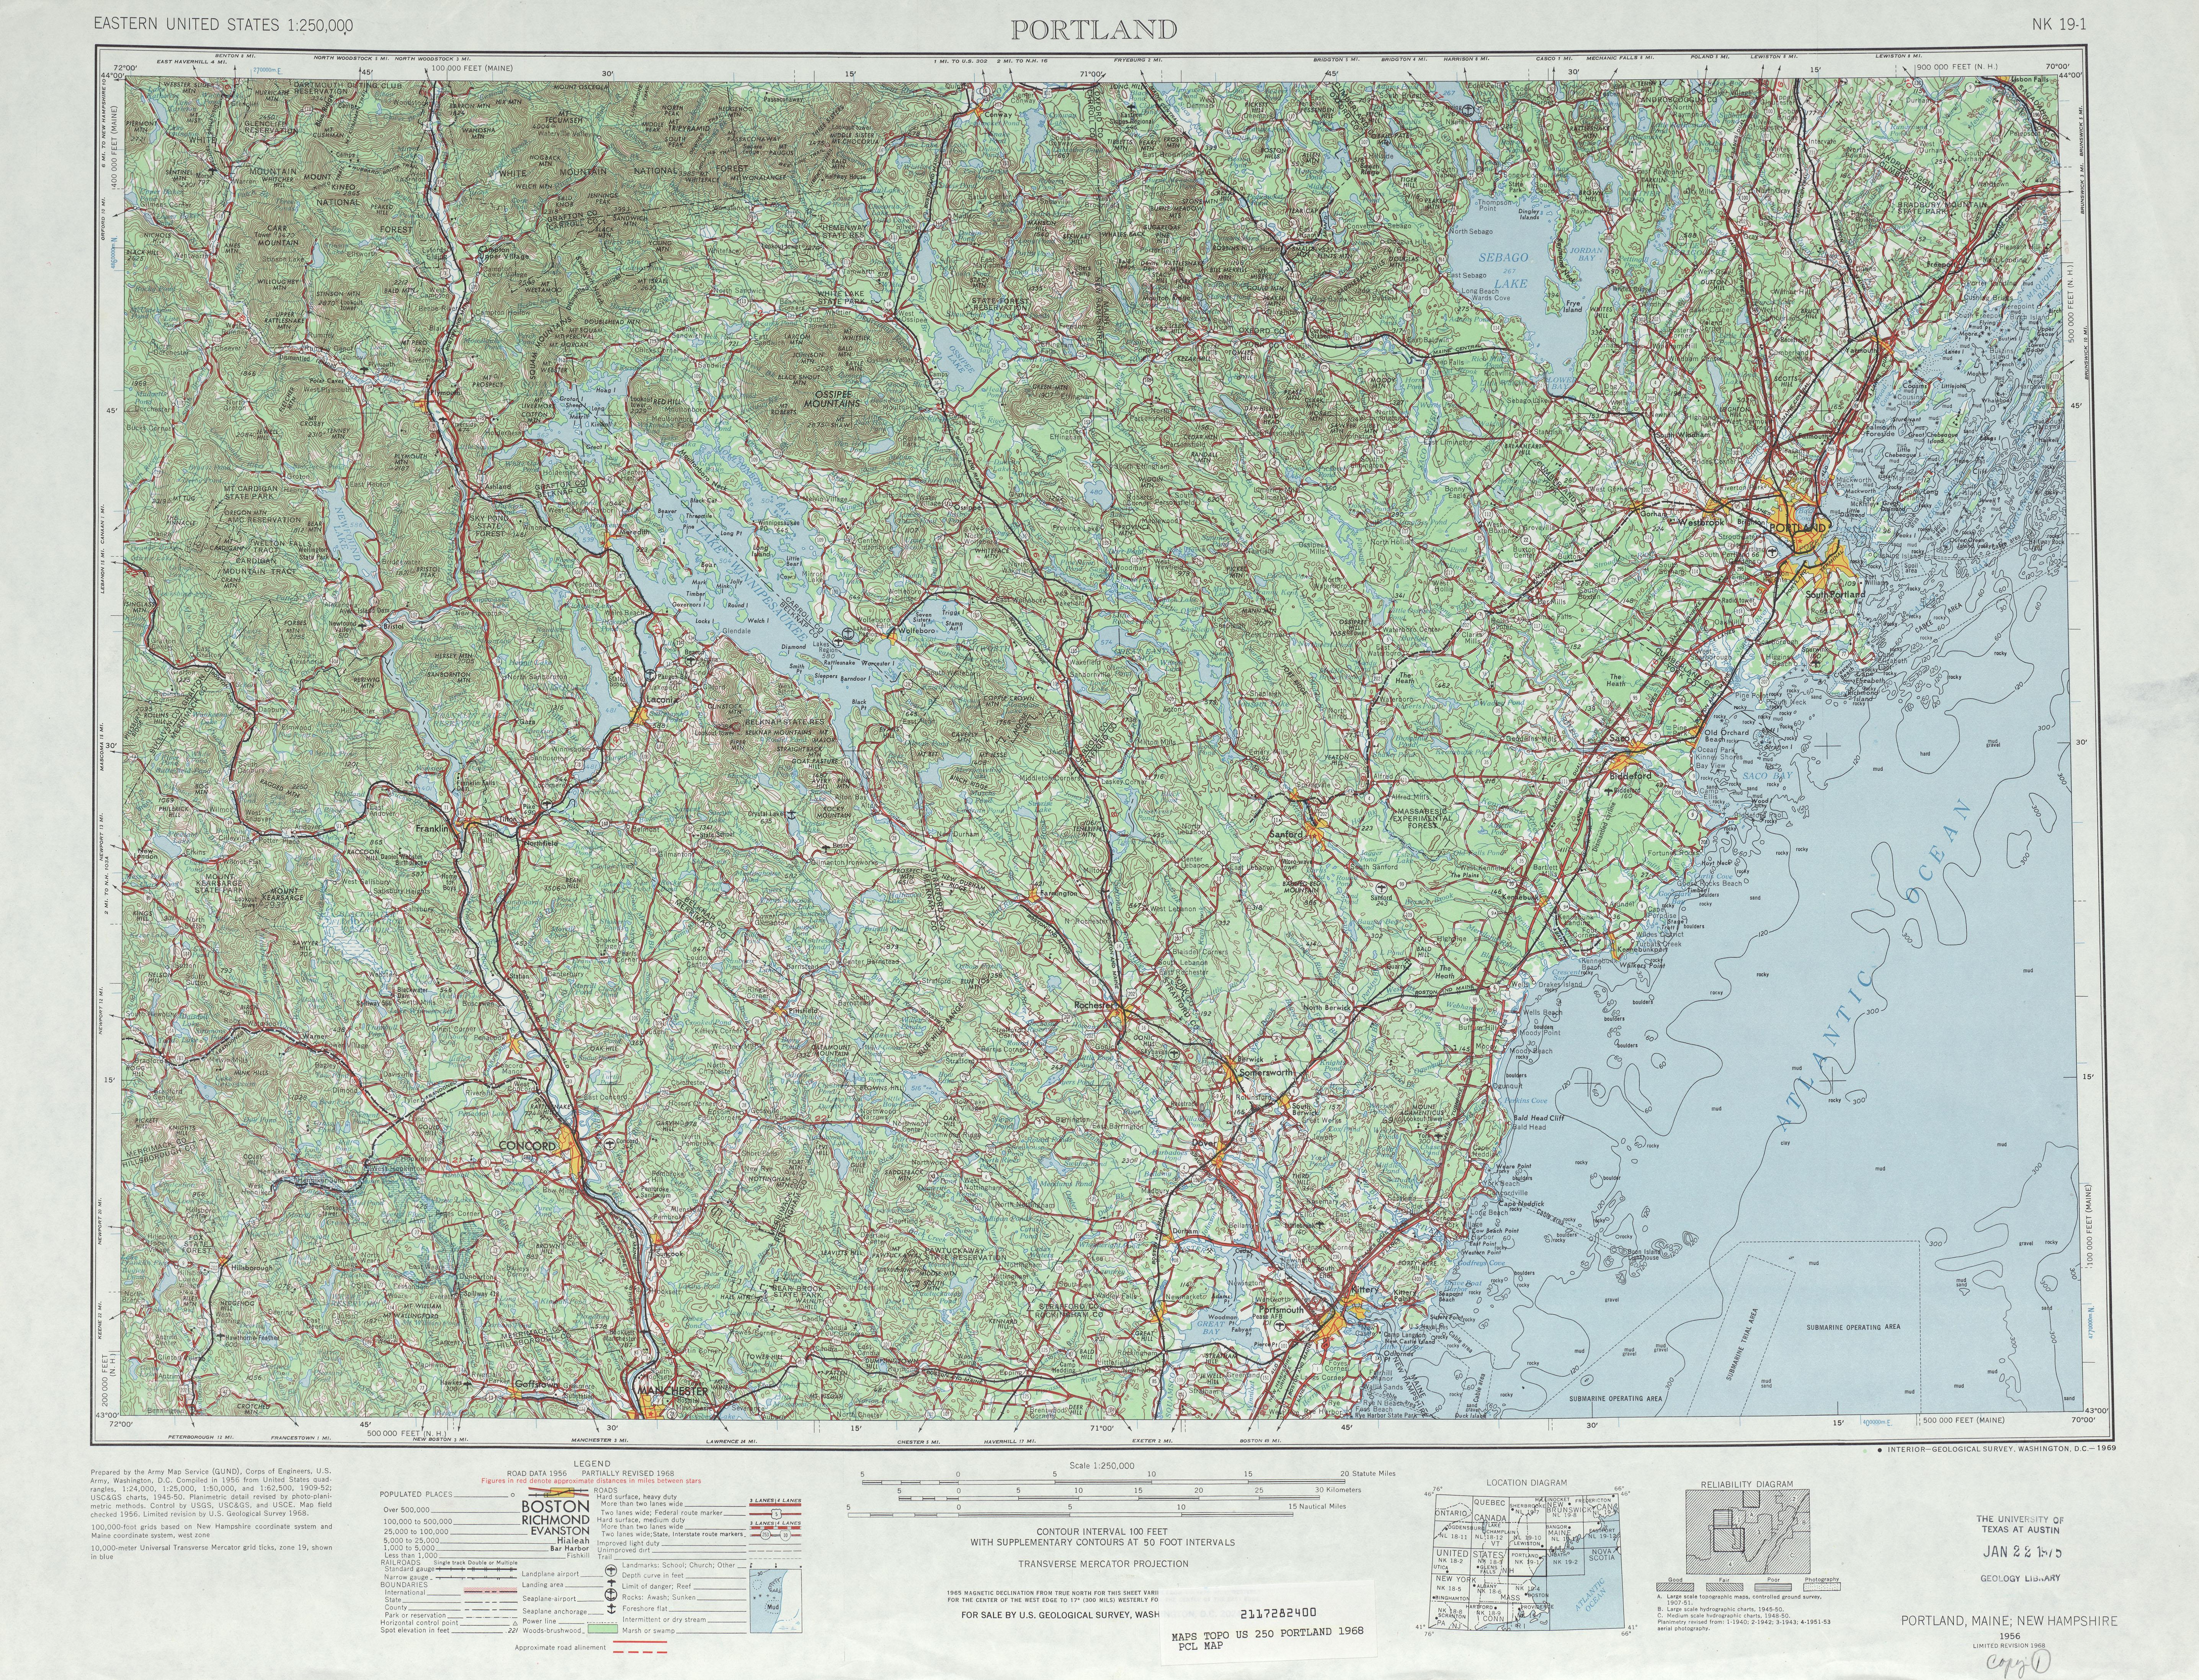 Hoja Portland del Mapa Topográfico de los Estados Unidos 1968